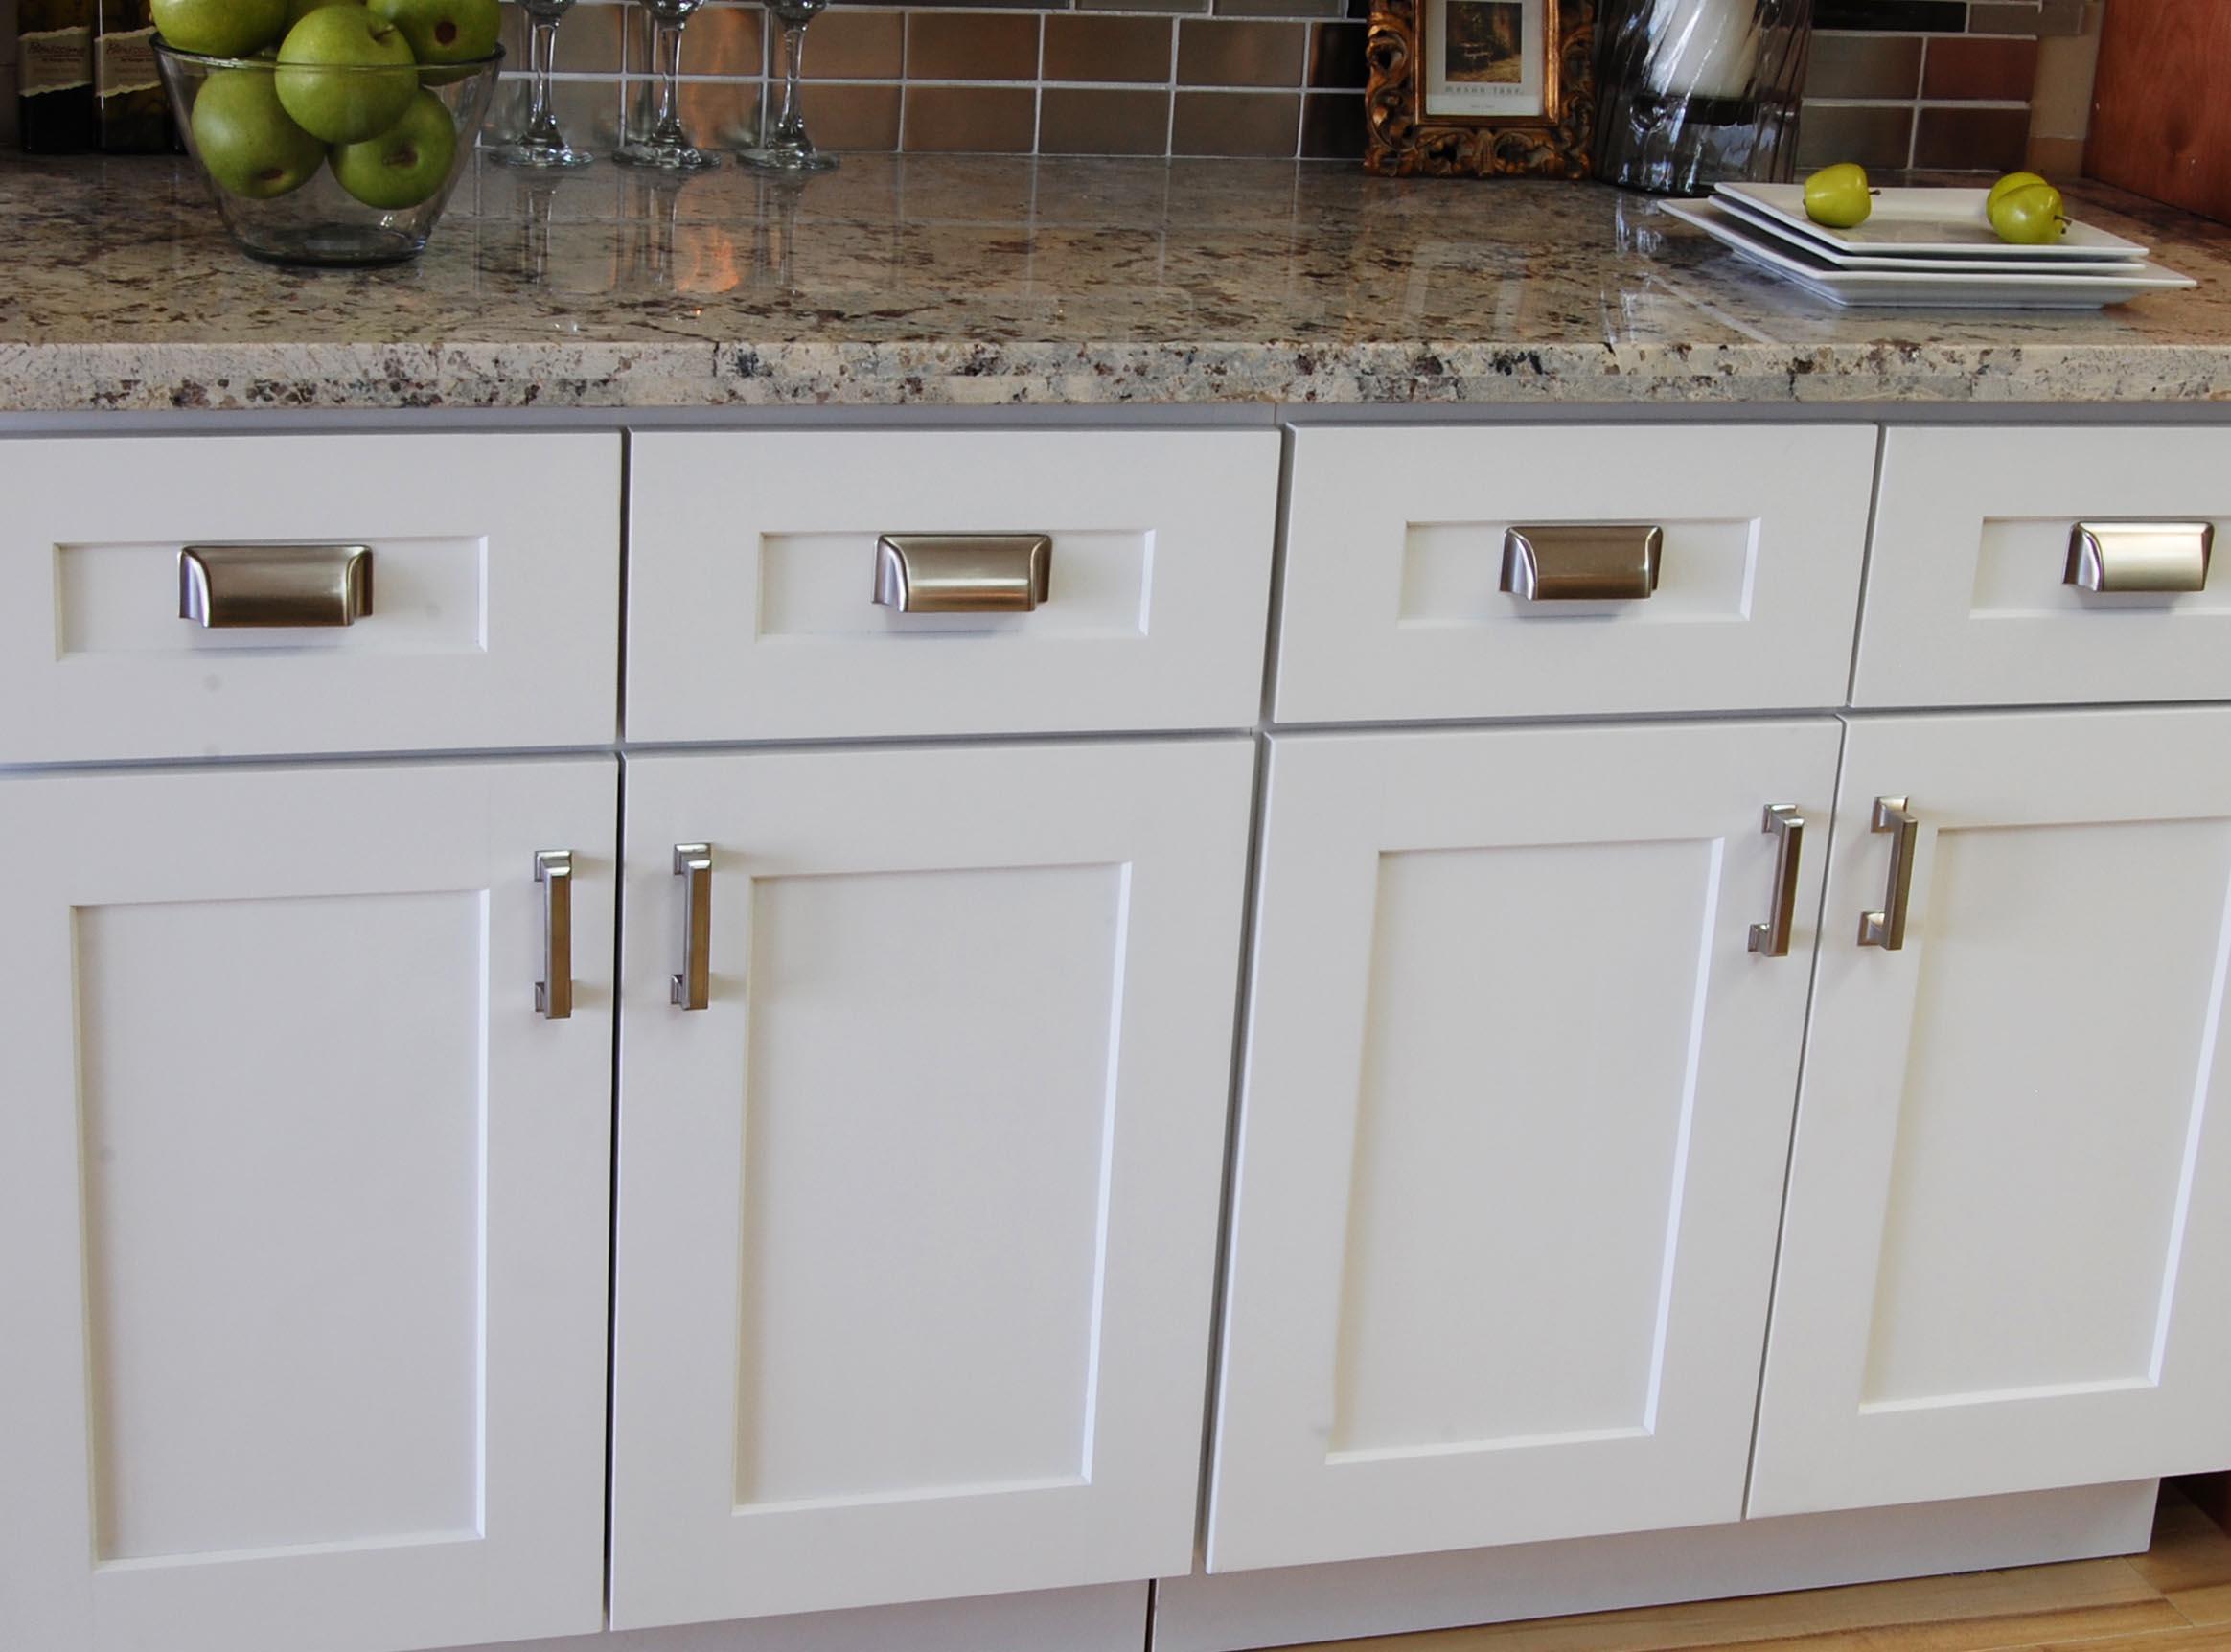 Shaker Door Kitchen Cabinets - Nagpurentrepreneurs